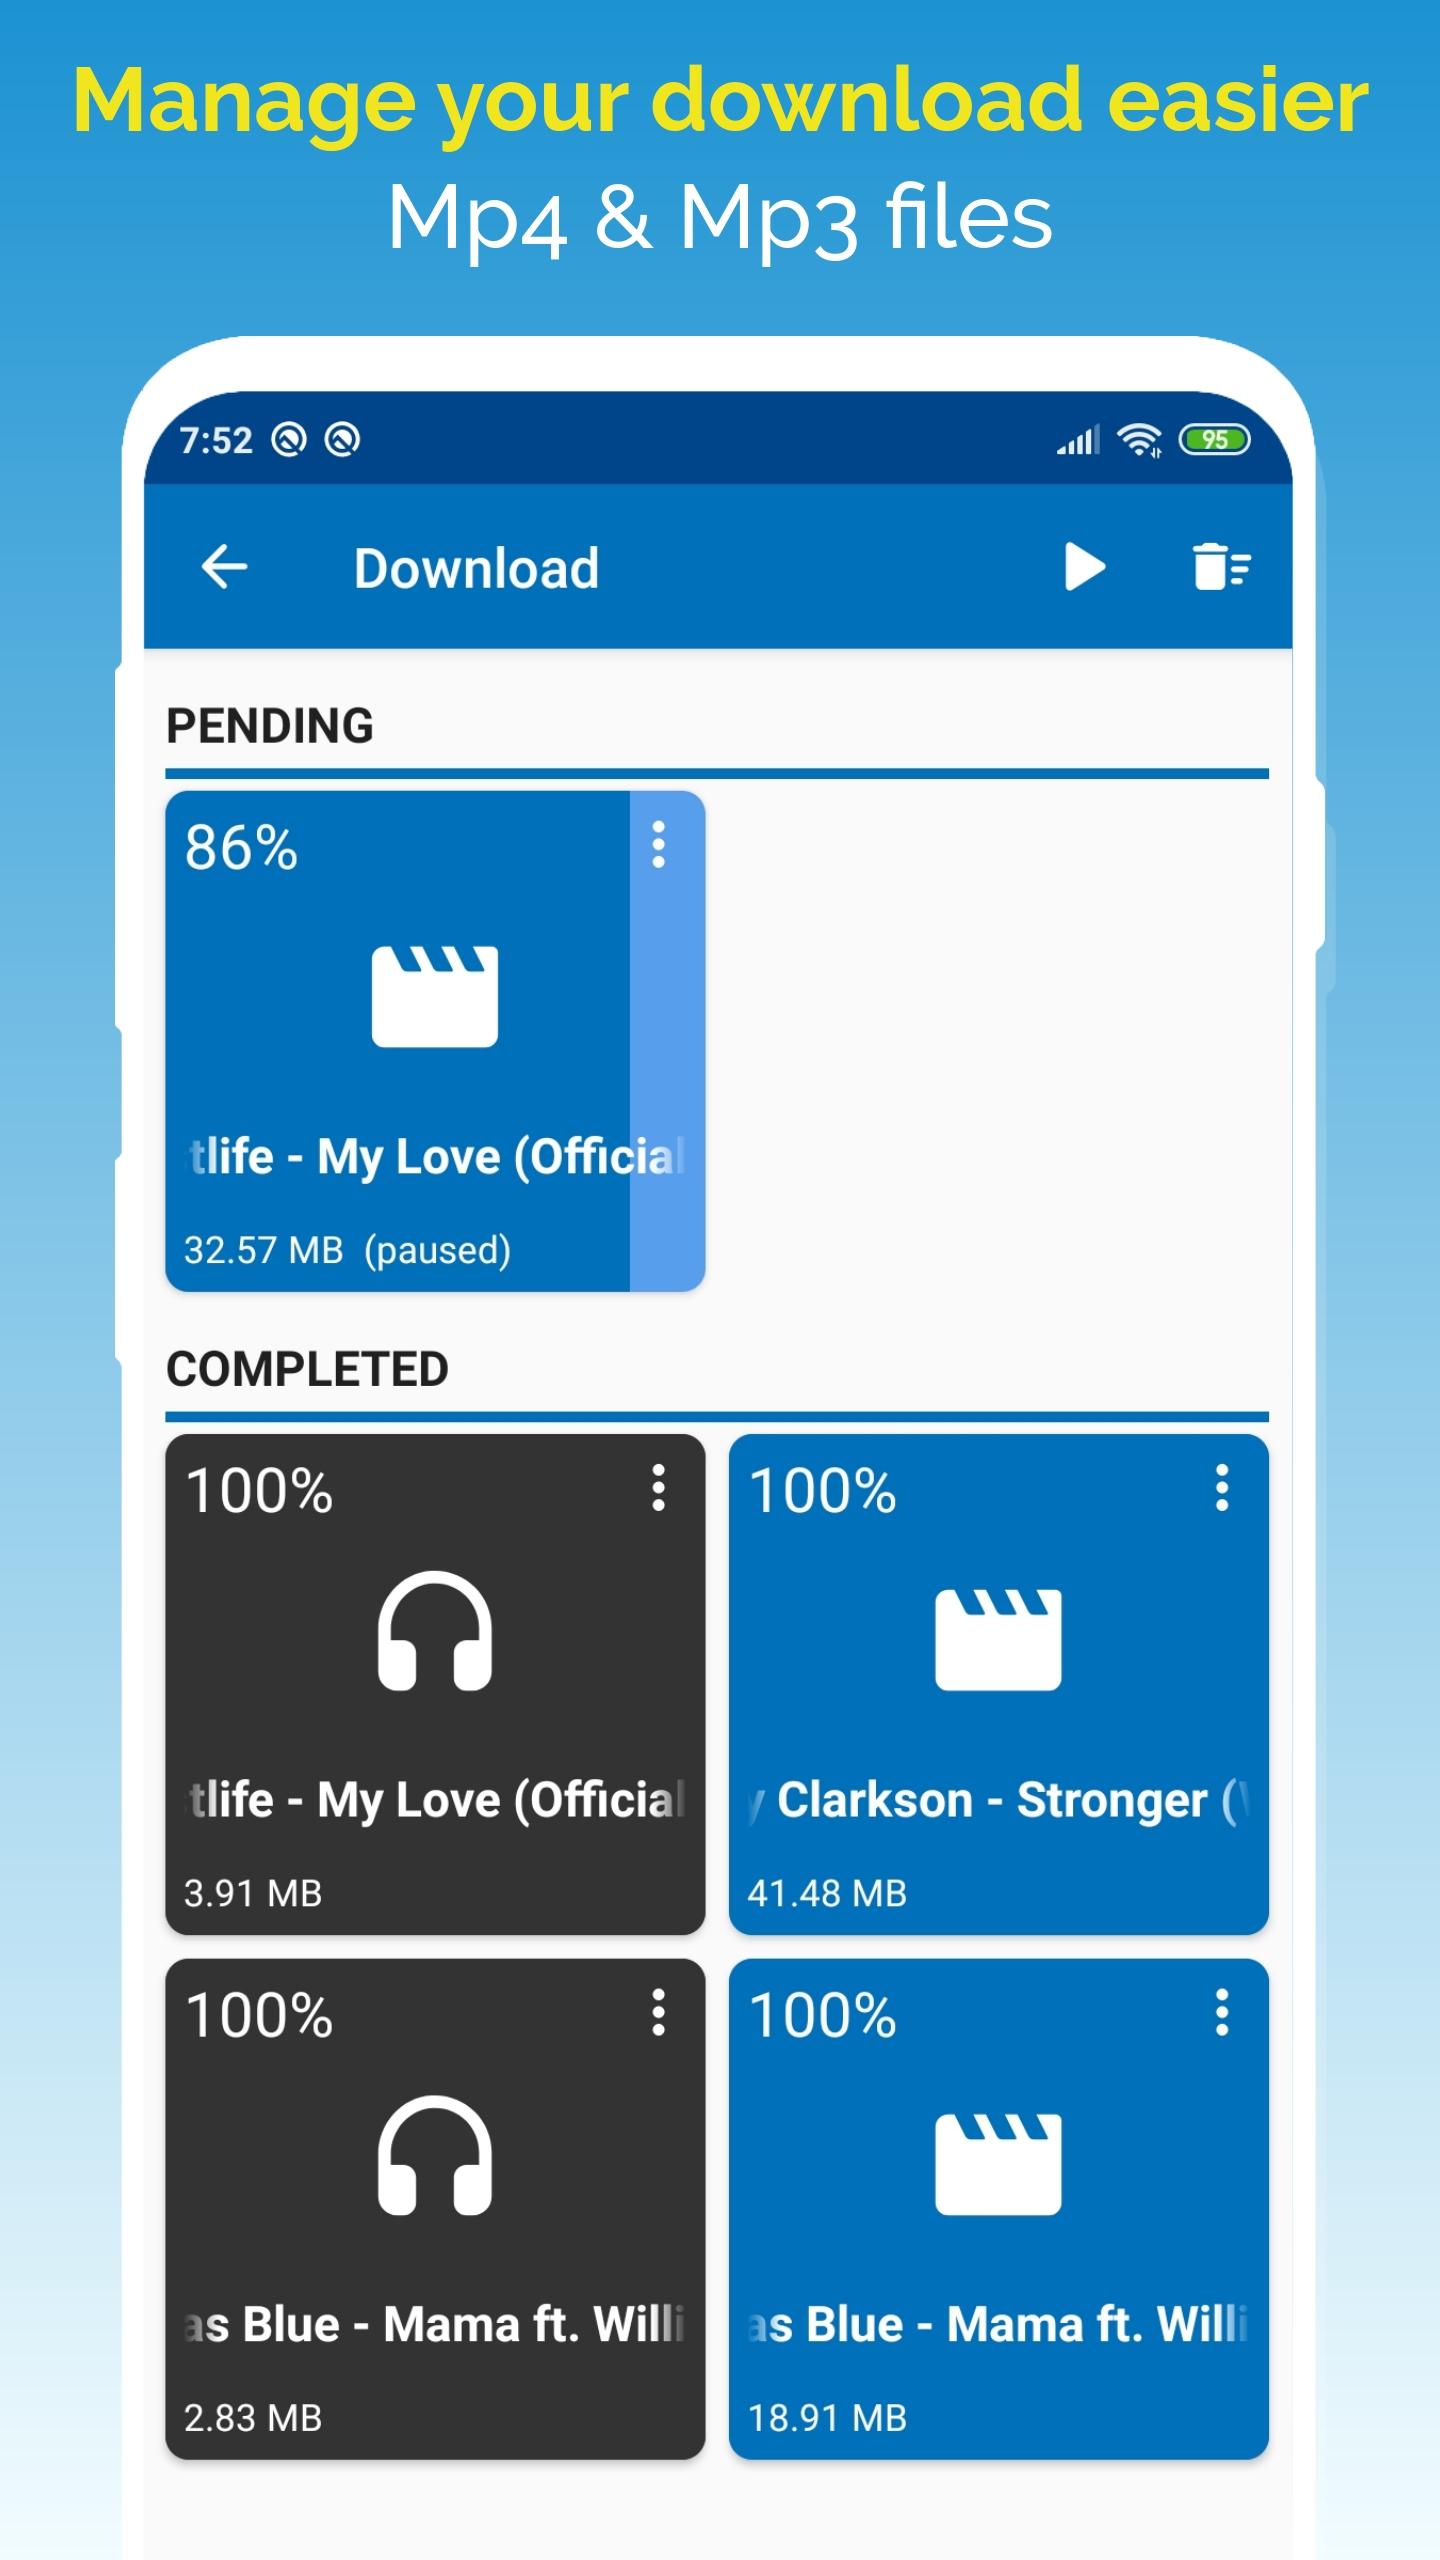 manage-your-download.jpg?alt=media